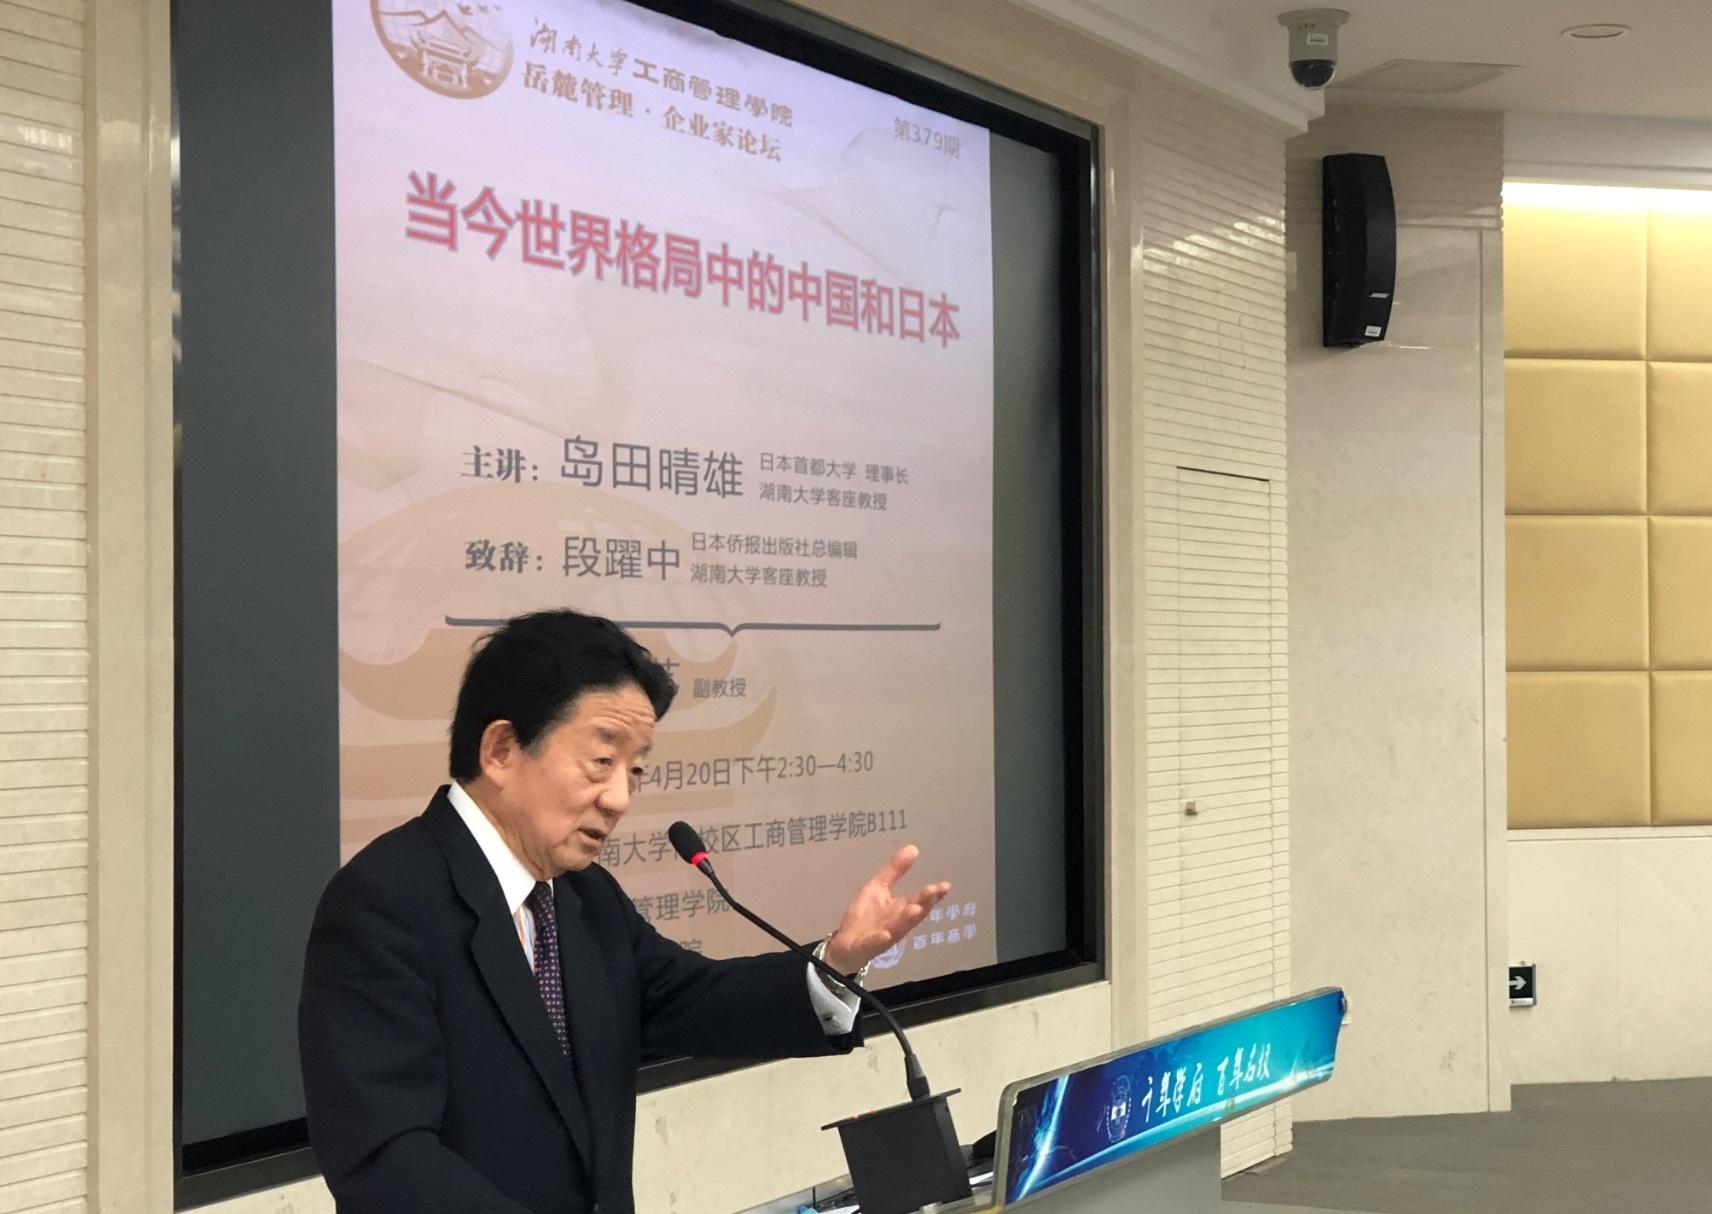 島田晴雄先生の湖南省訪問に関する地元の報道。小生の講演も取り上げていただきました_d0027795_12272051.jpg